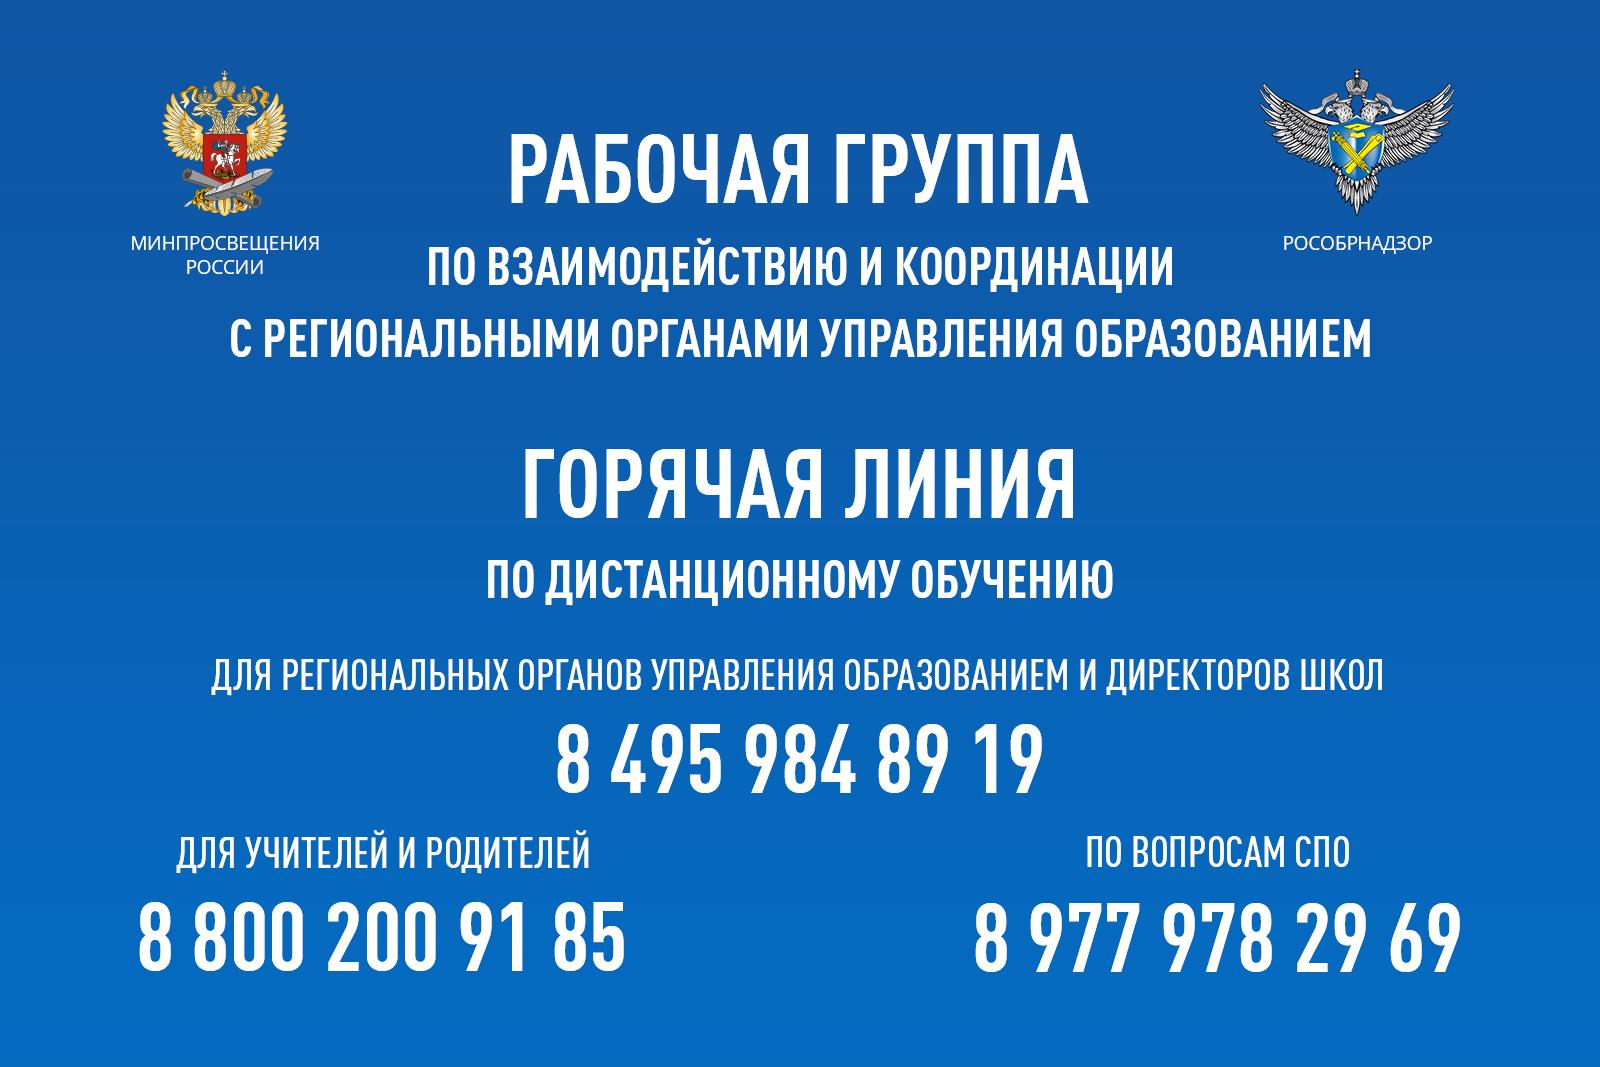 Операторы горячей линии Минпросвещения России для учителей и родителей по организации в образовательных учреждениях диста